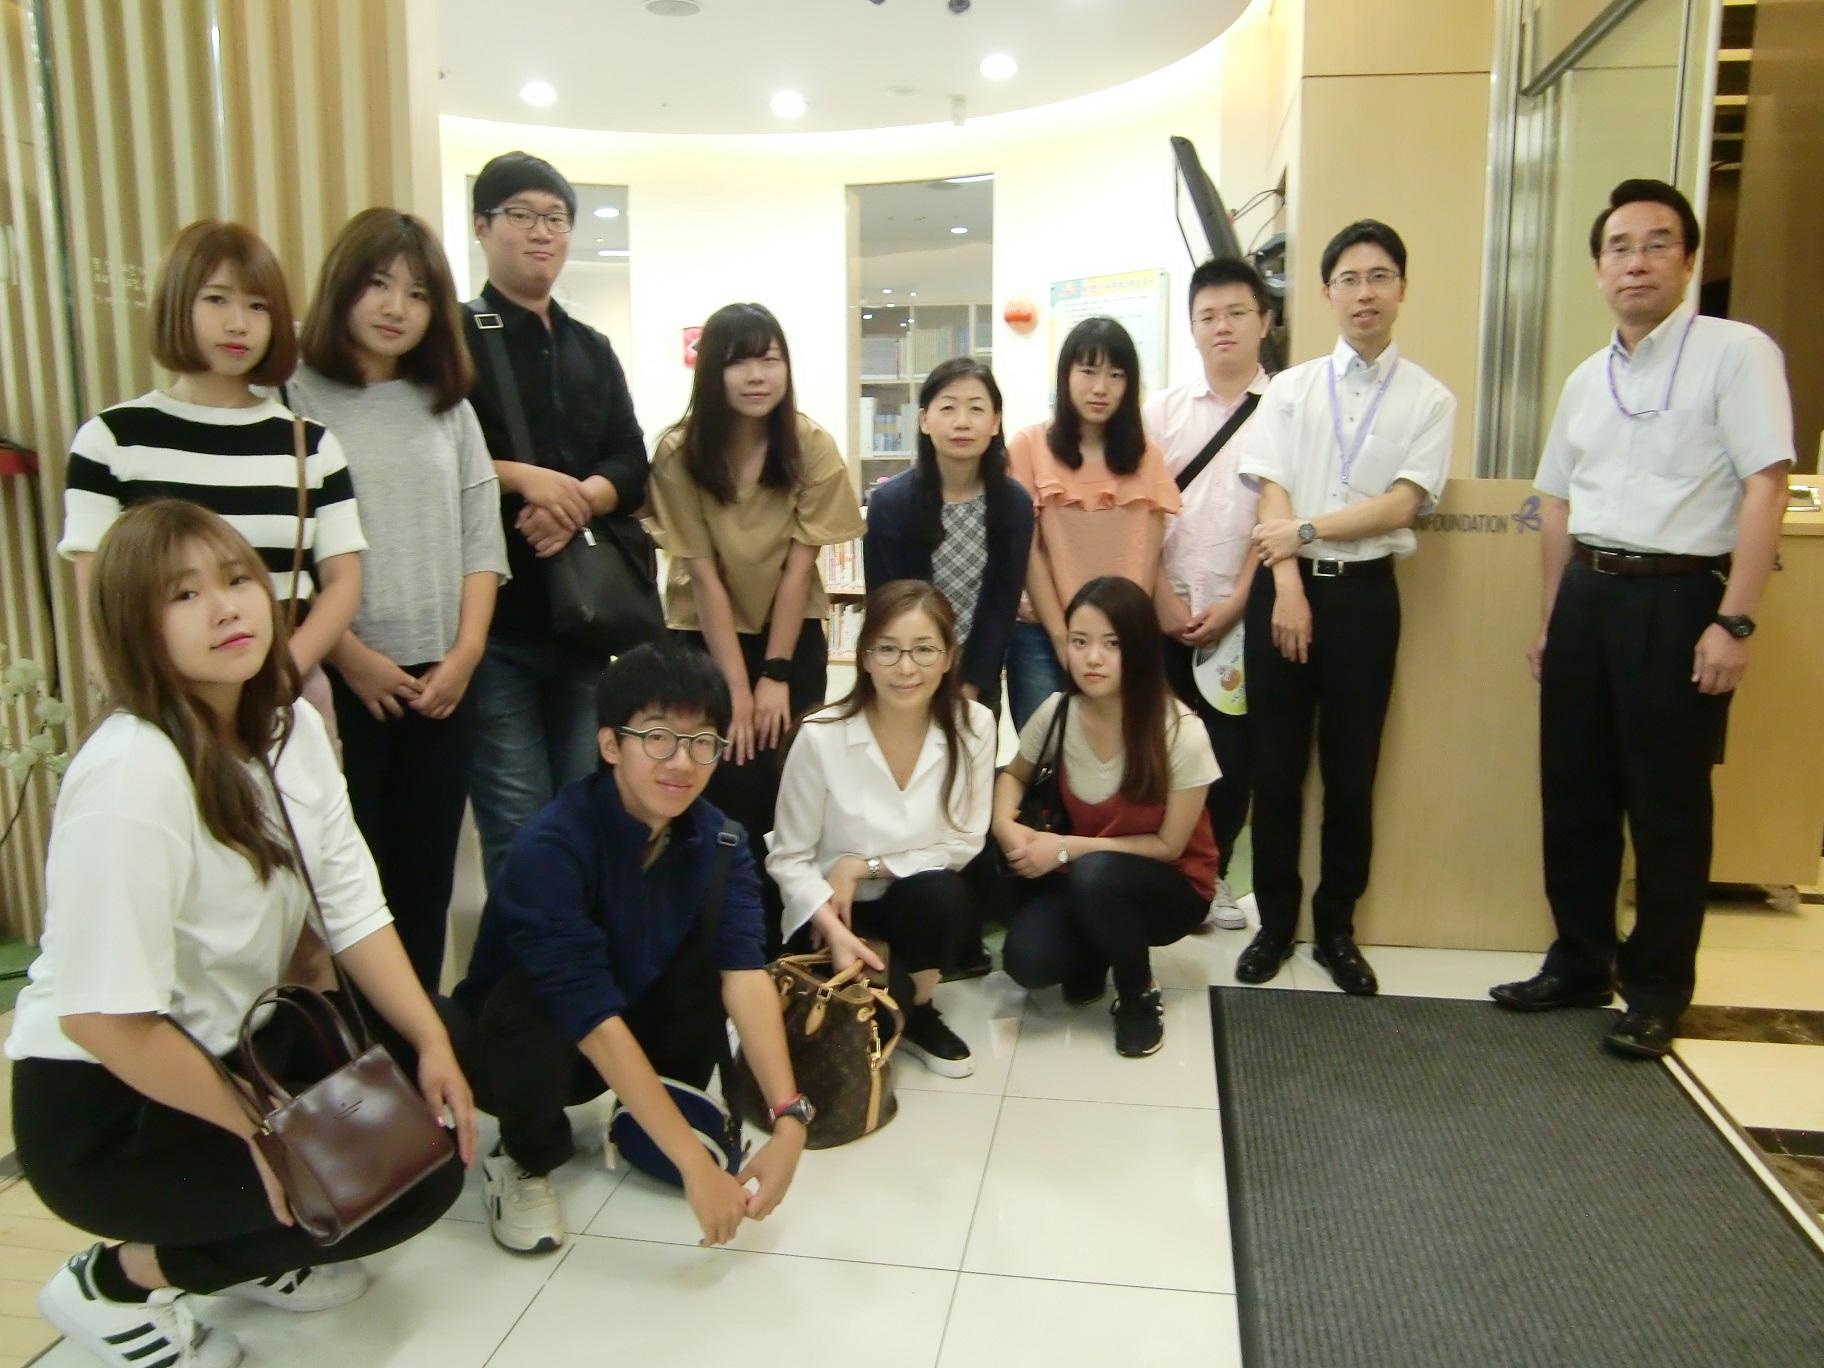 ⑯国際交流基金ソウル日本文化センターで、韓国の日本語教育事情について説明していただきました。